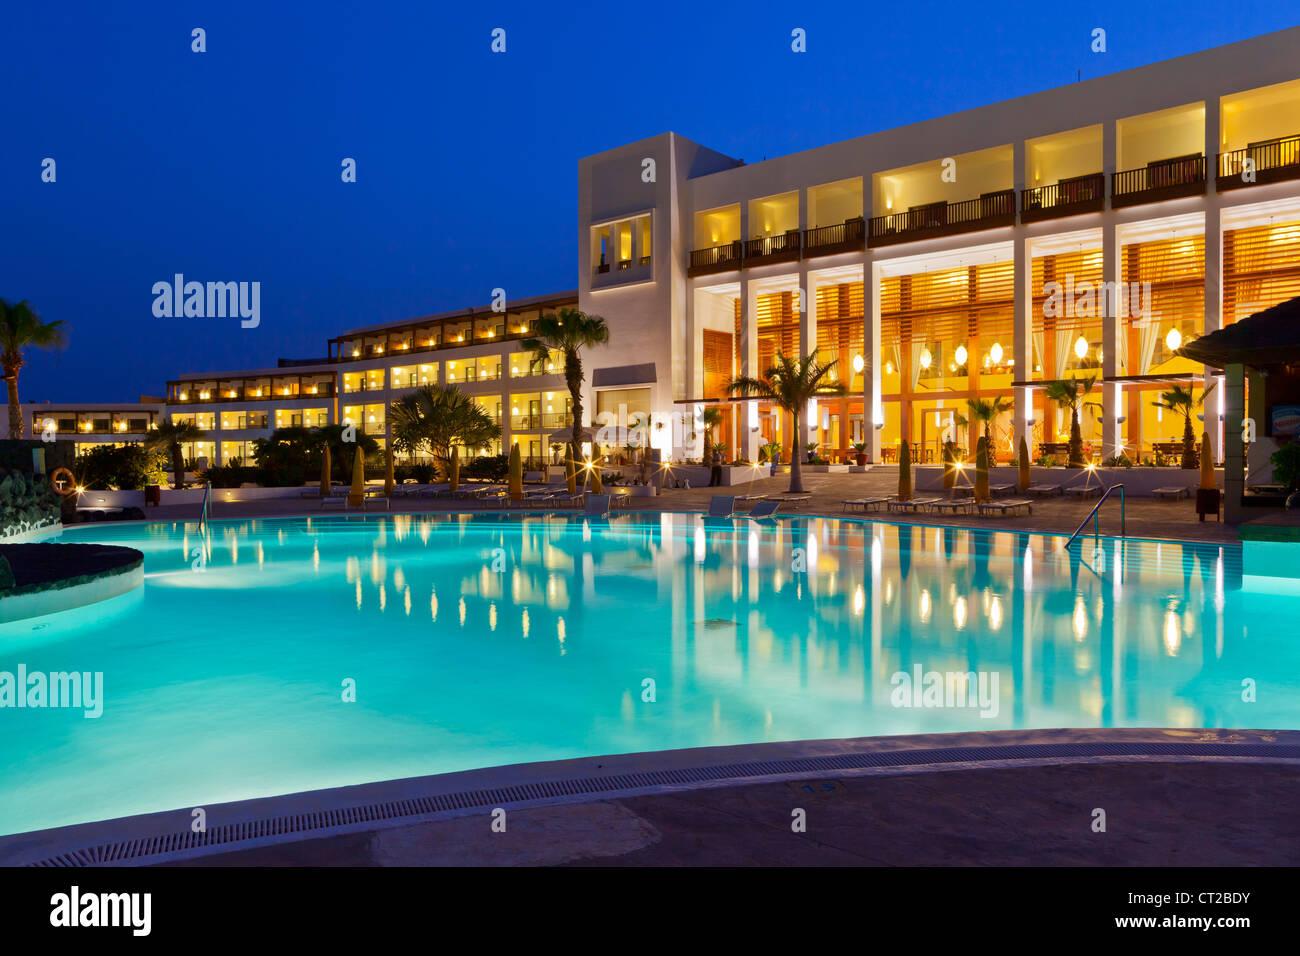 Lanzarote, Hotel Hesperia - Puerto Calero, Lanzarote, Canary Islands, Spain, Europe Stock Photo